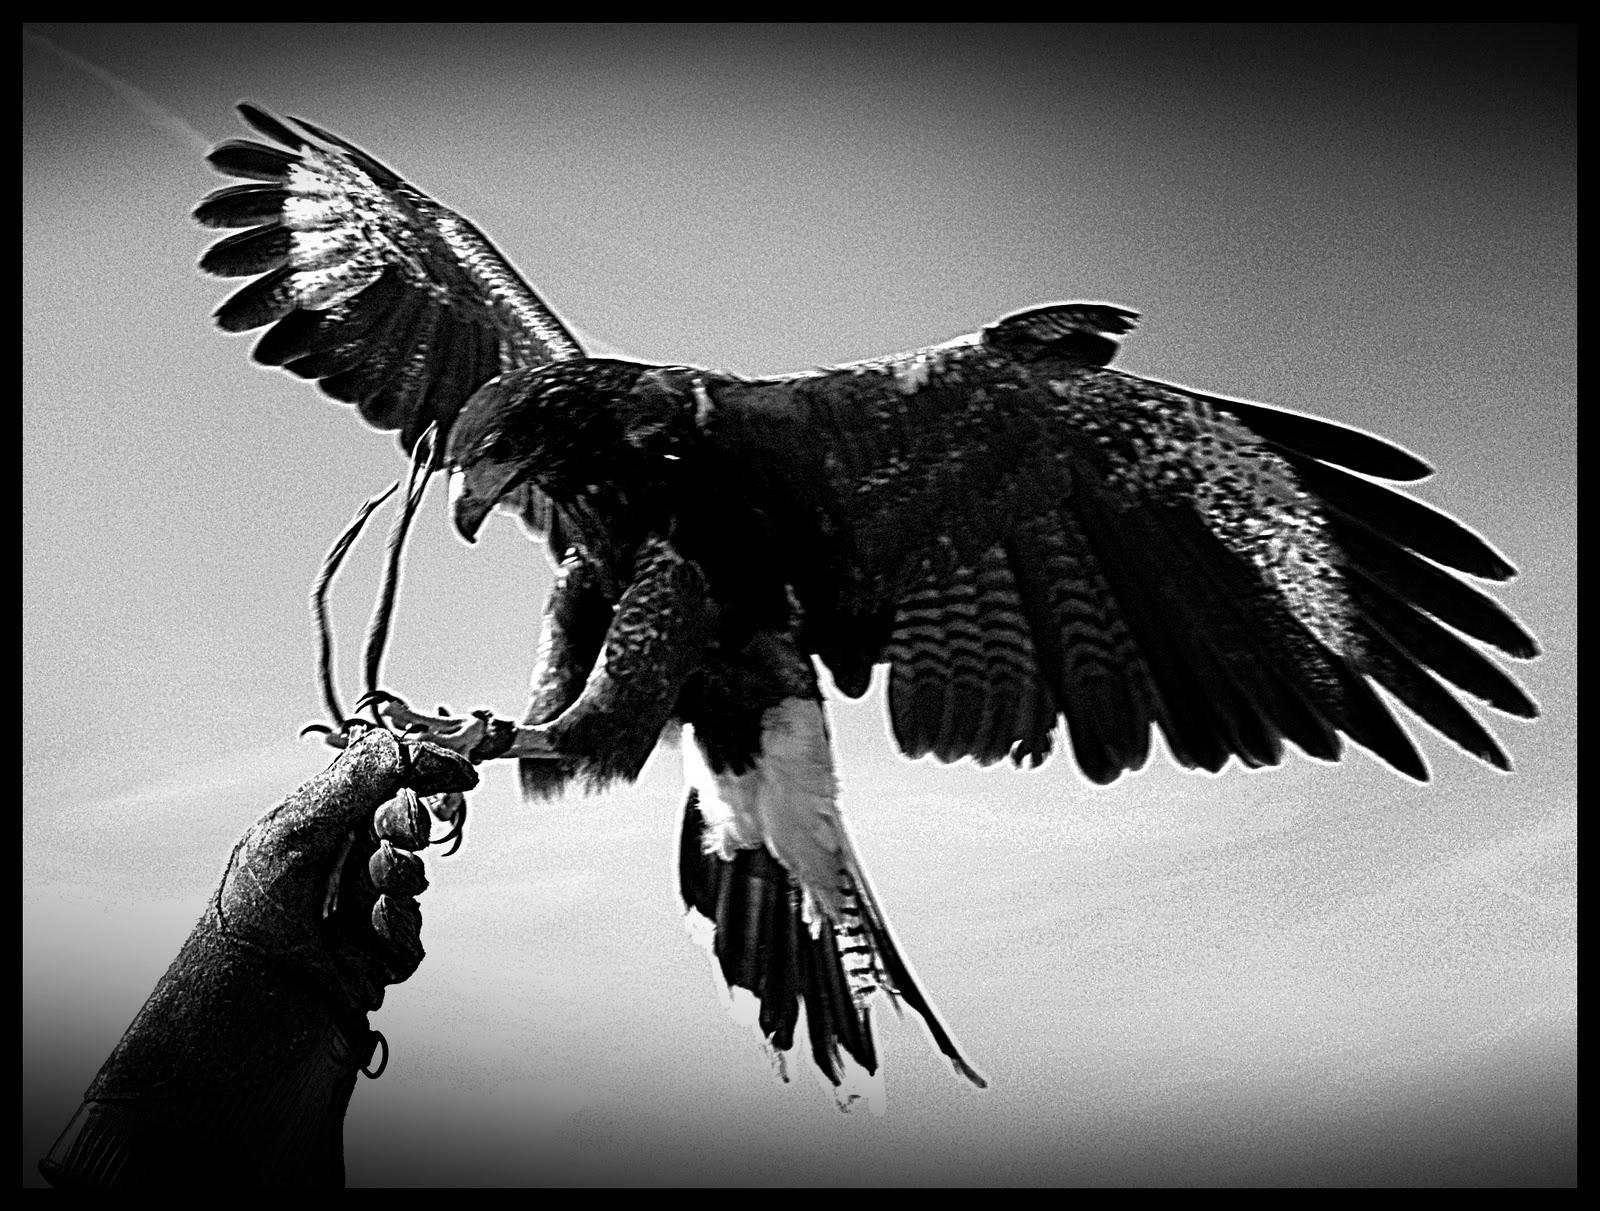 Imagenes de aguila blanco y negro - Imagui